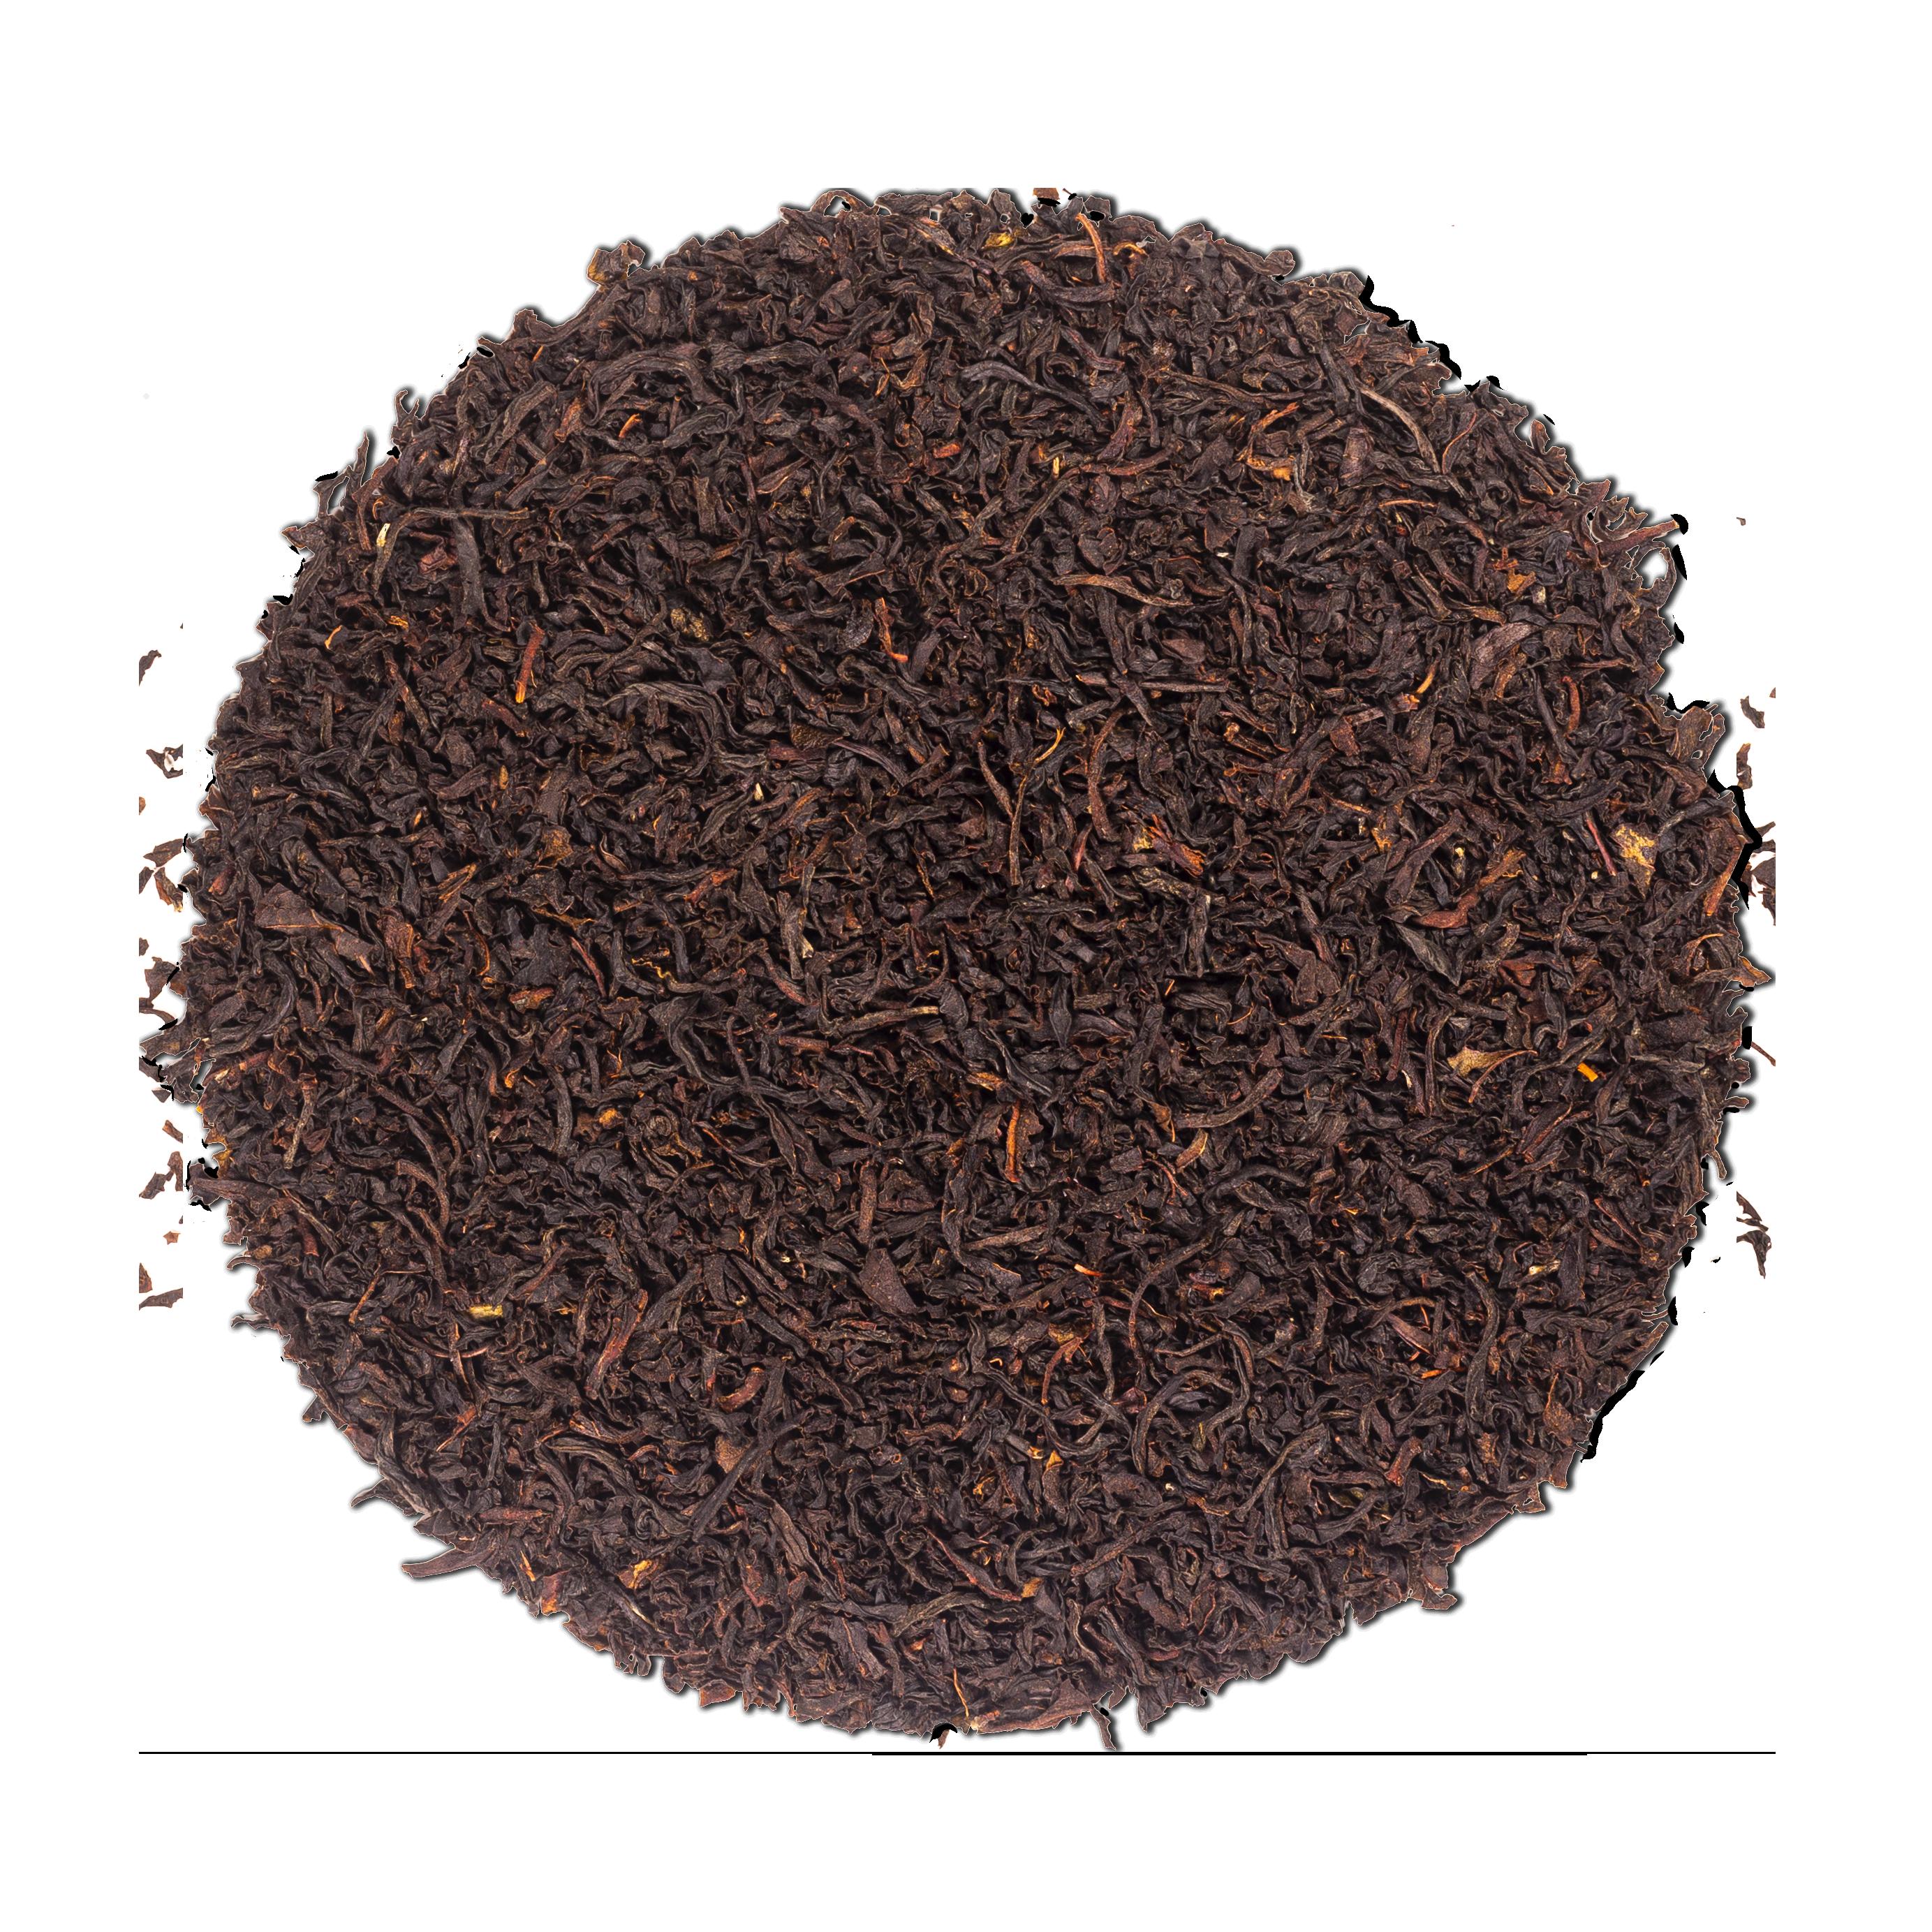 Thé noir - Ceylan bio - Vrac - Kusmi Tea